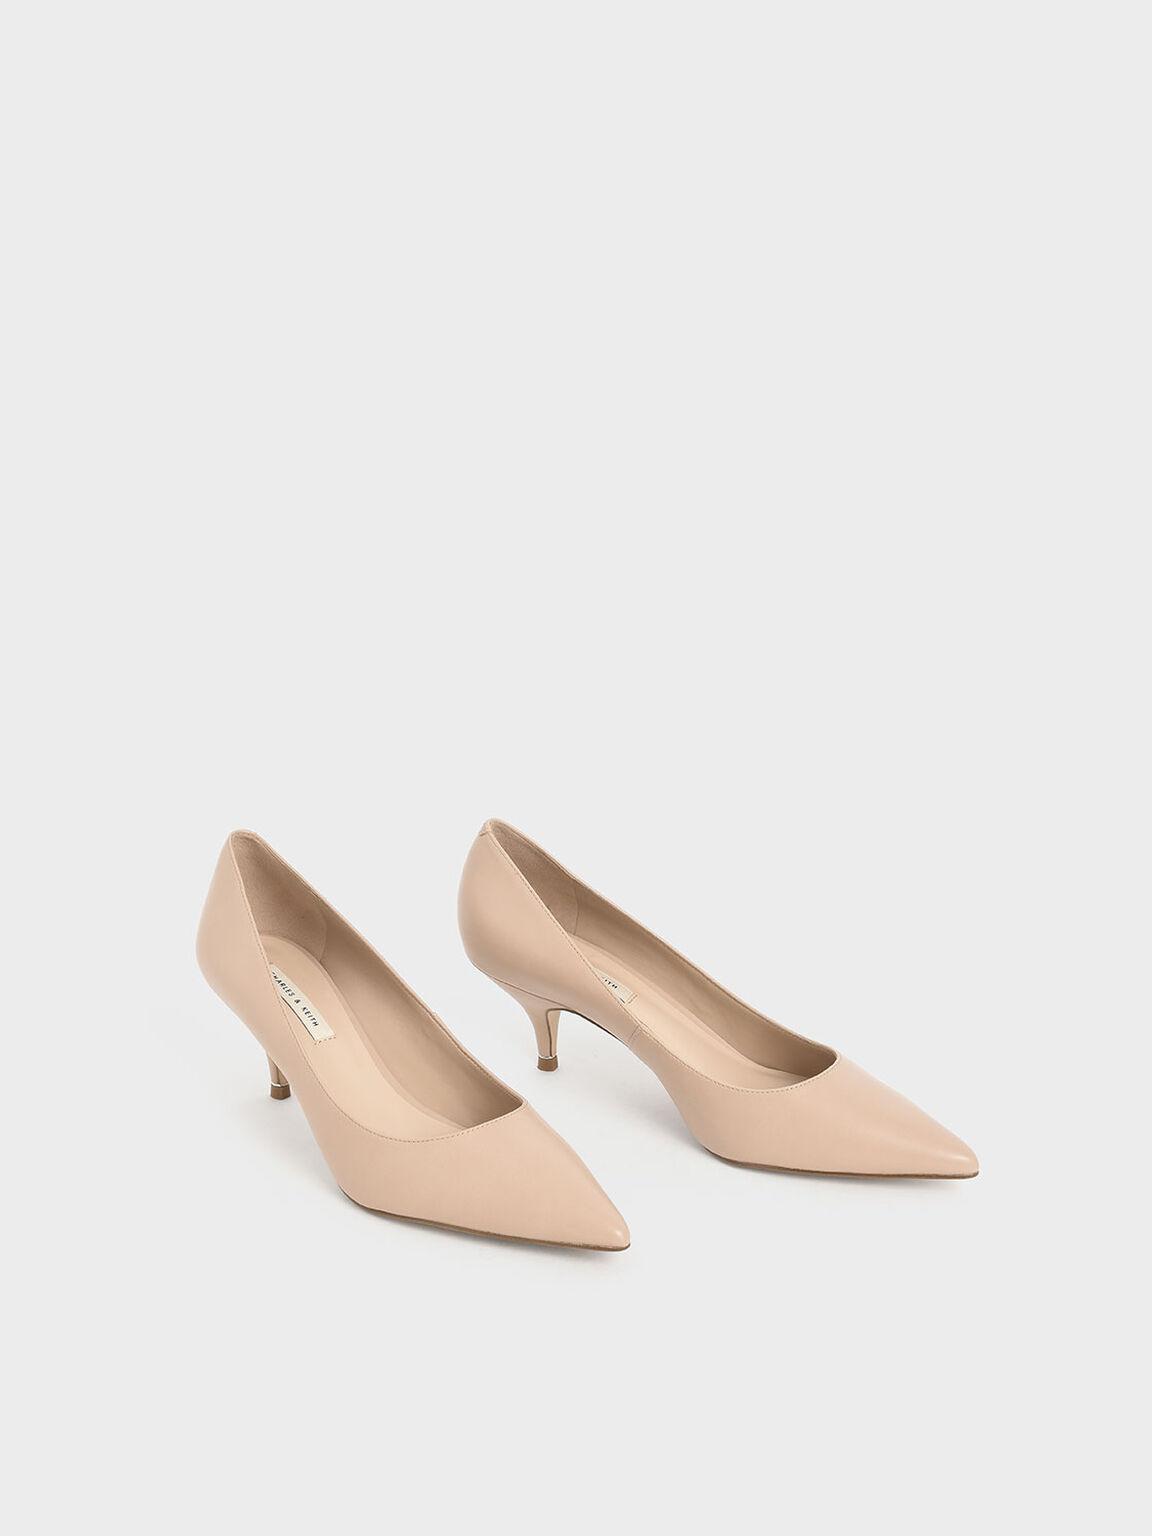 Sepatu Classic Pointed Toe Pumps, Nude, hi-res